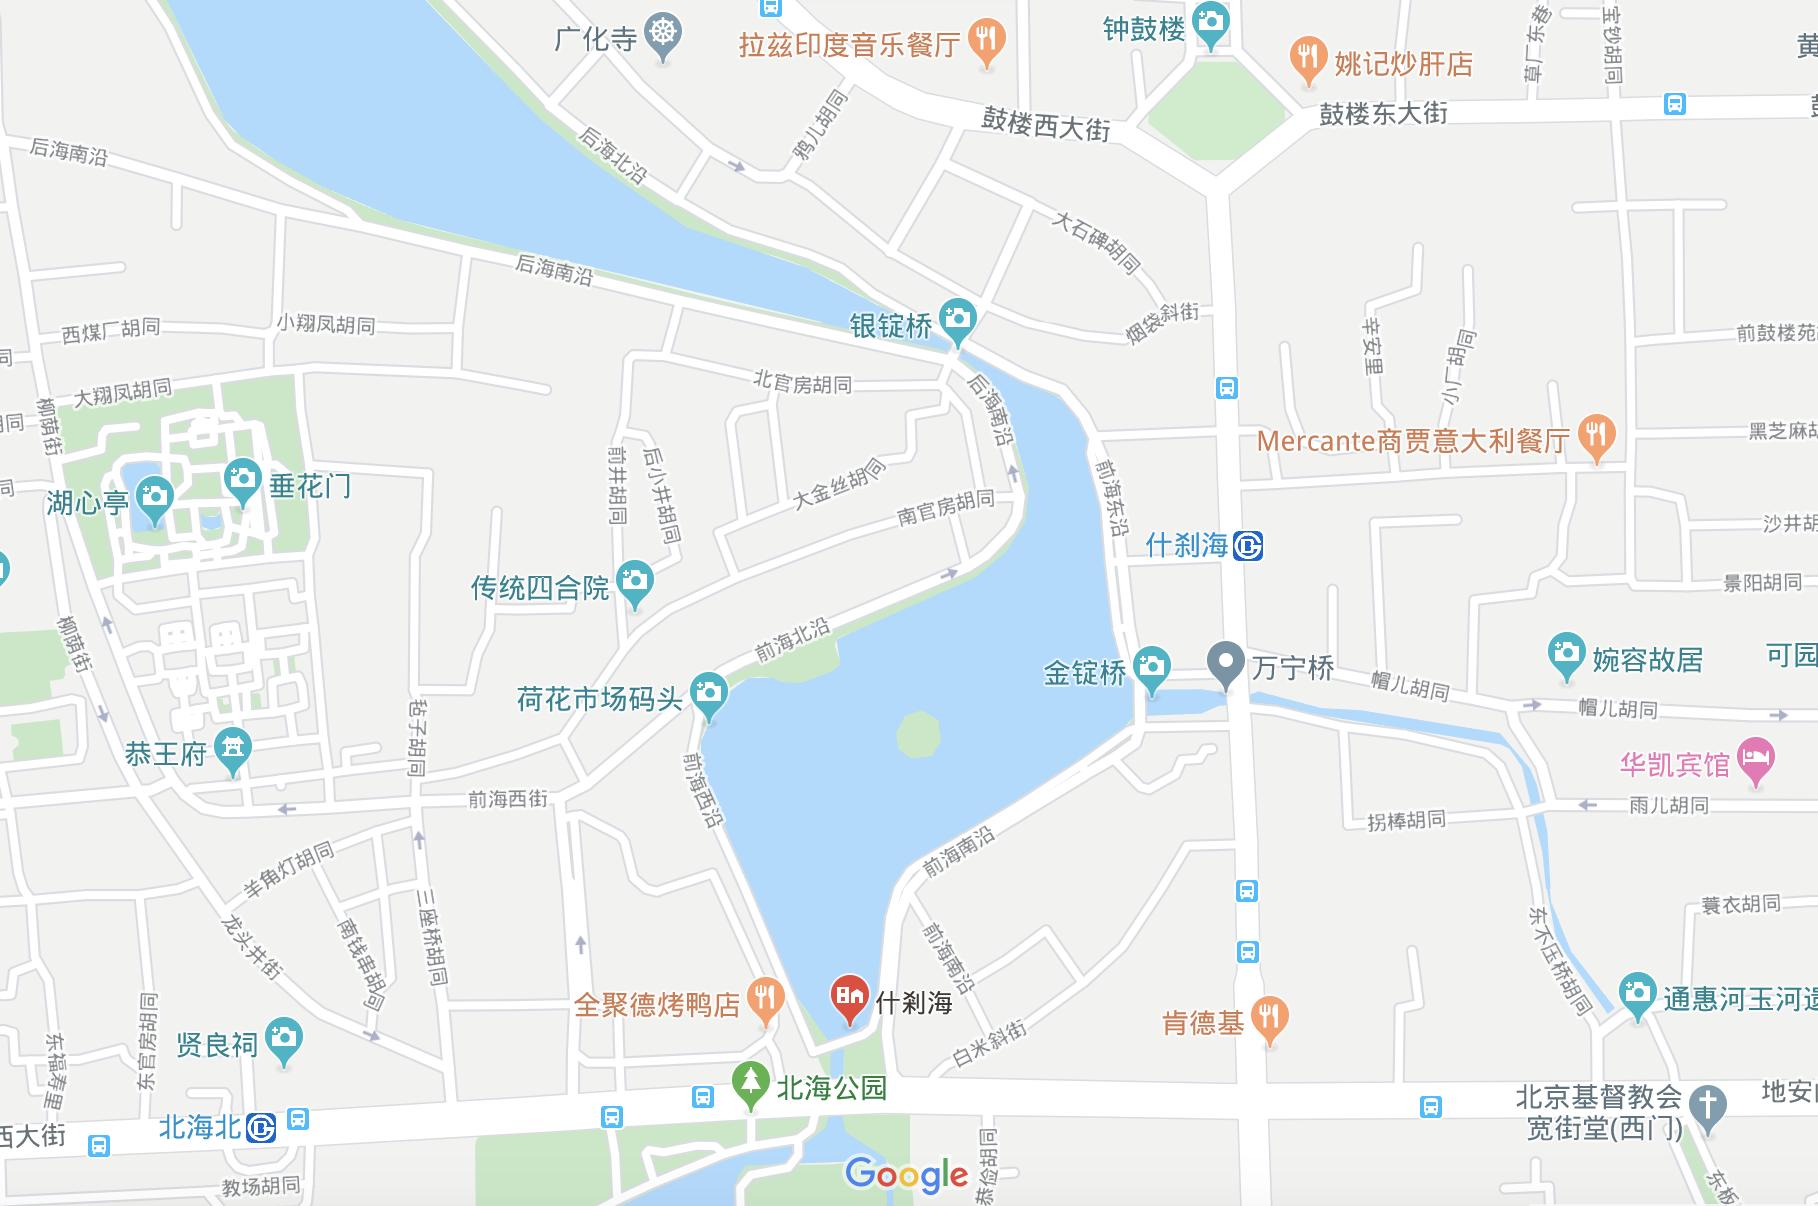 【北京旅行】新北京聚集地 – 後海酒吧一條街、煙袋斜街 @MY TRIP ‧ MY LIFE